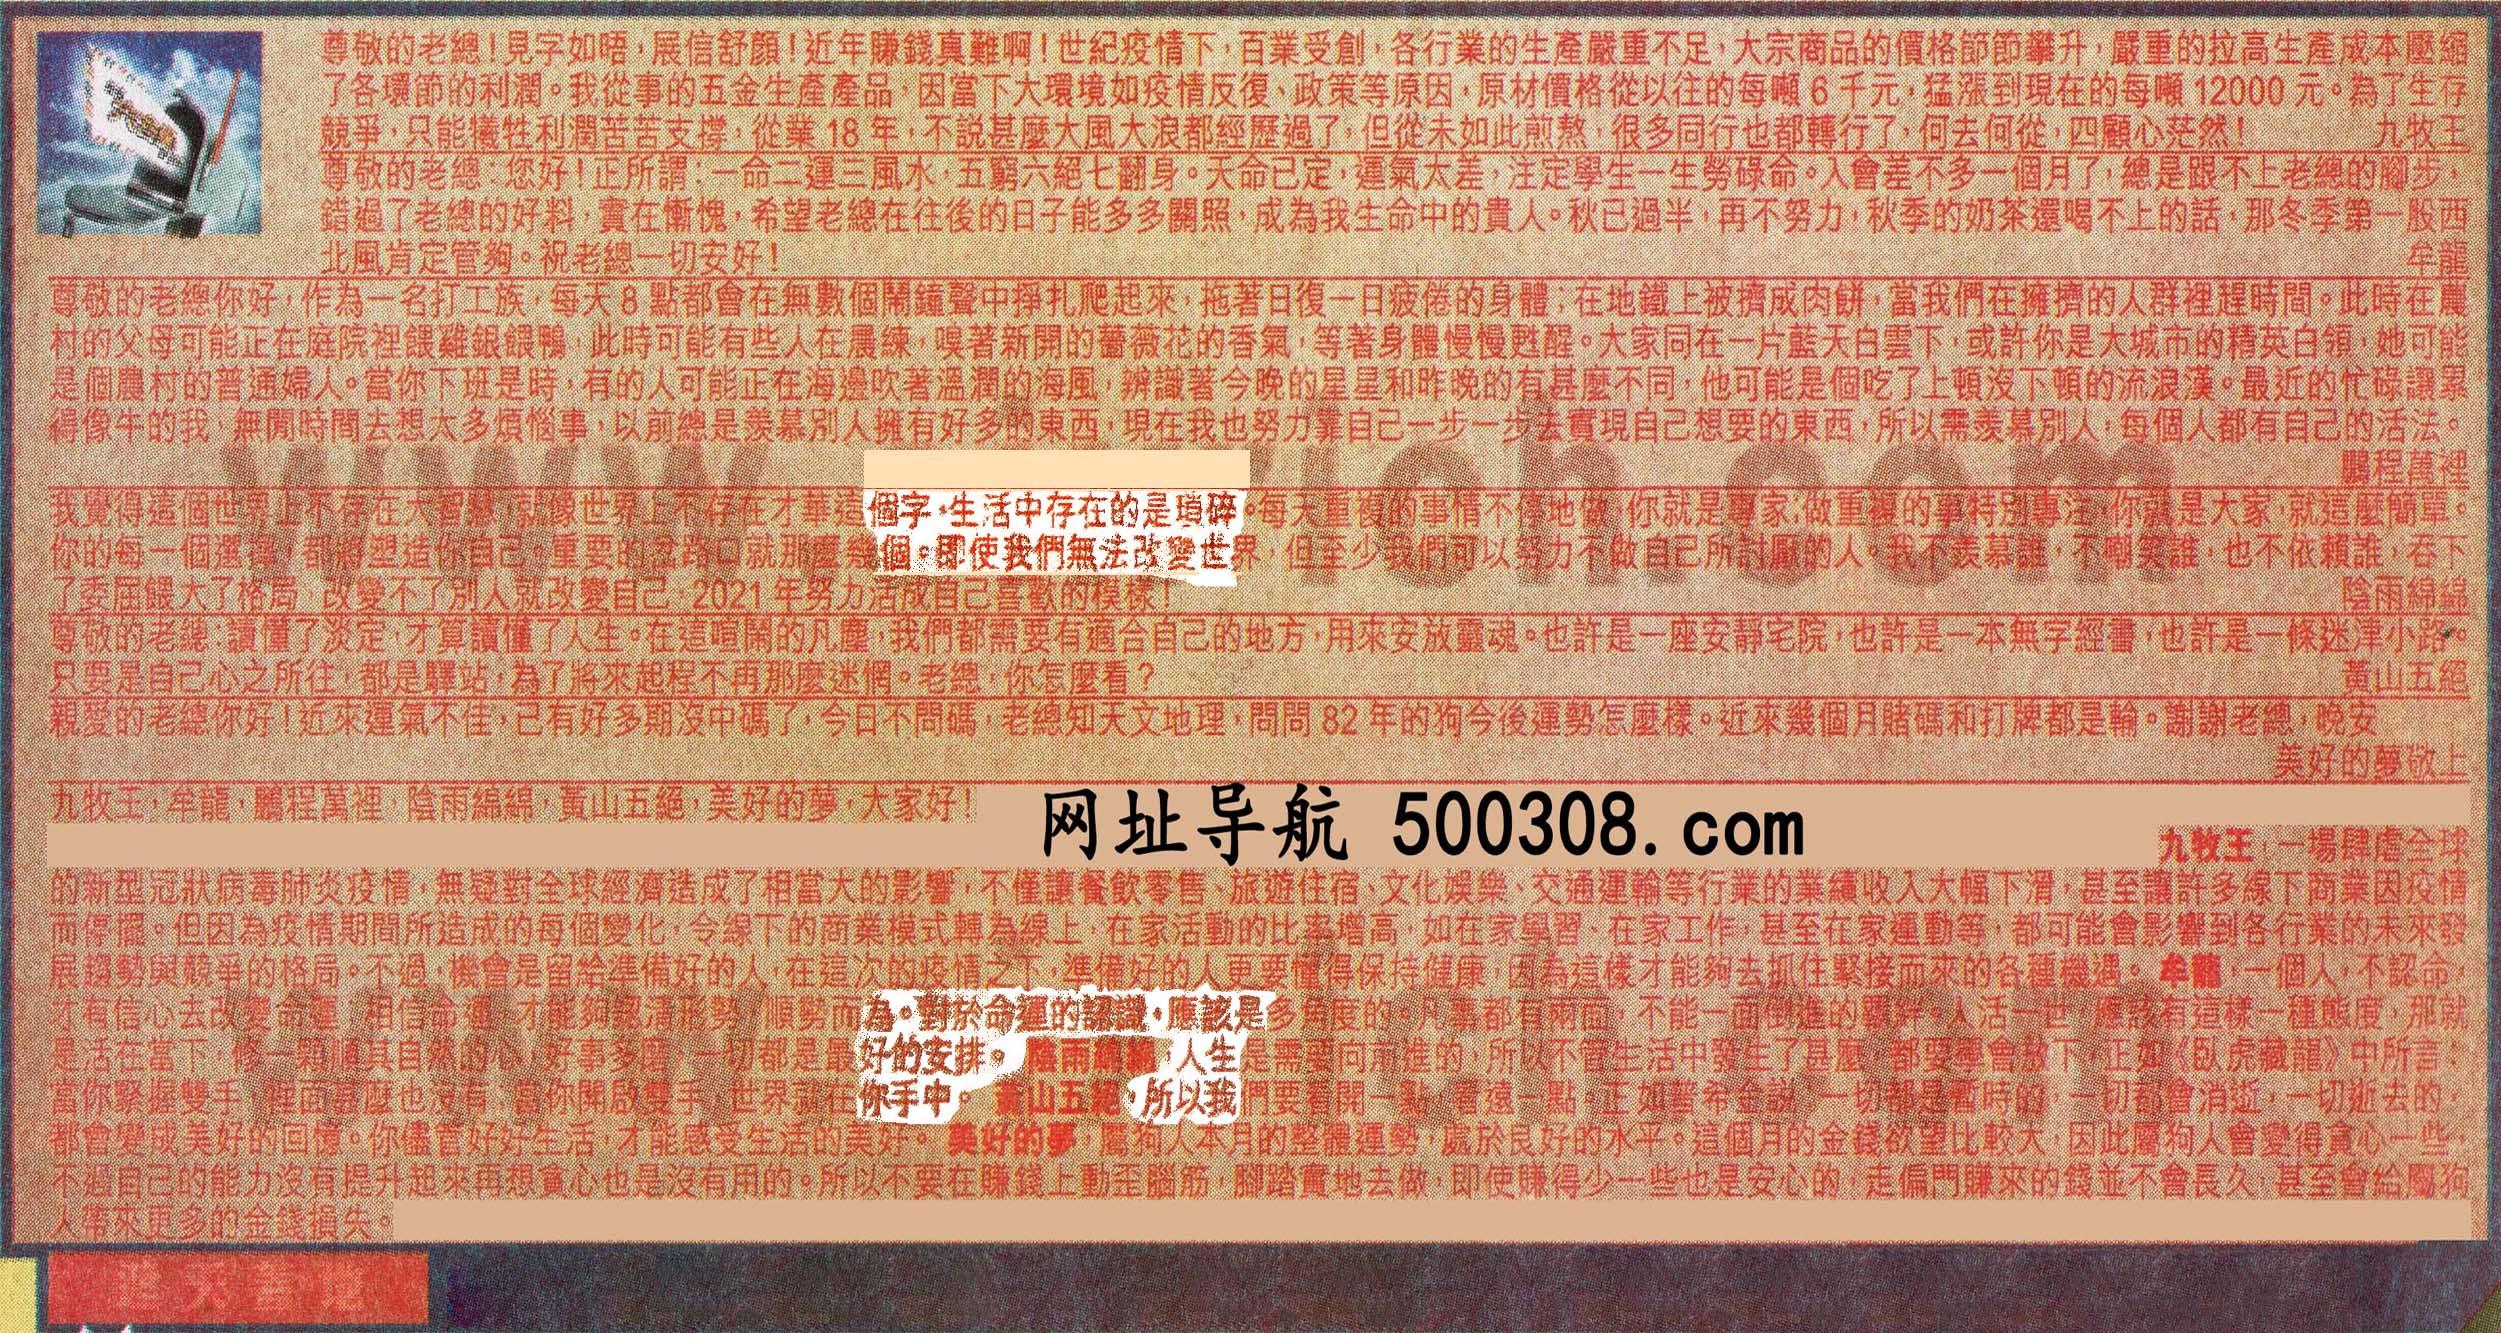 086期:彩民推荐六合皇信箱(�t字:遮天�w地)_086期开奖结果:02-23-31-38-45-43-T40(狗/红/水)